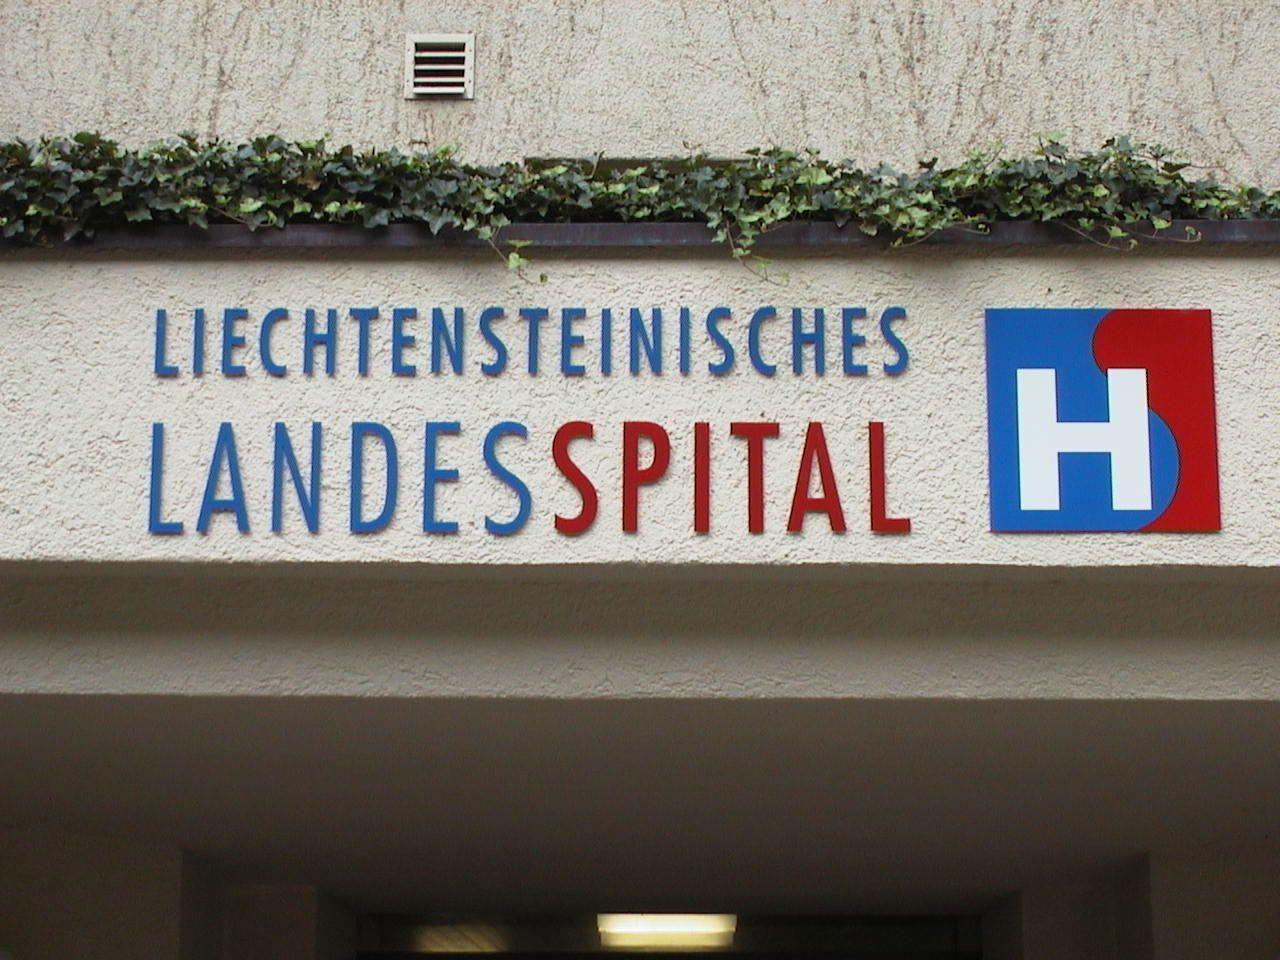 Die Zukunft des Liechtensteiner Landesspitals ist ungewiss